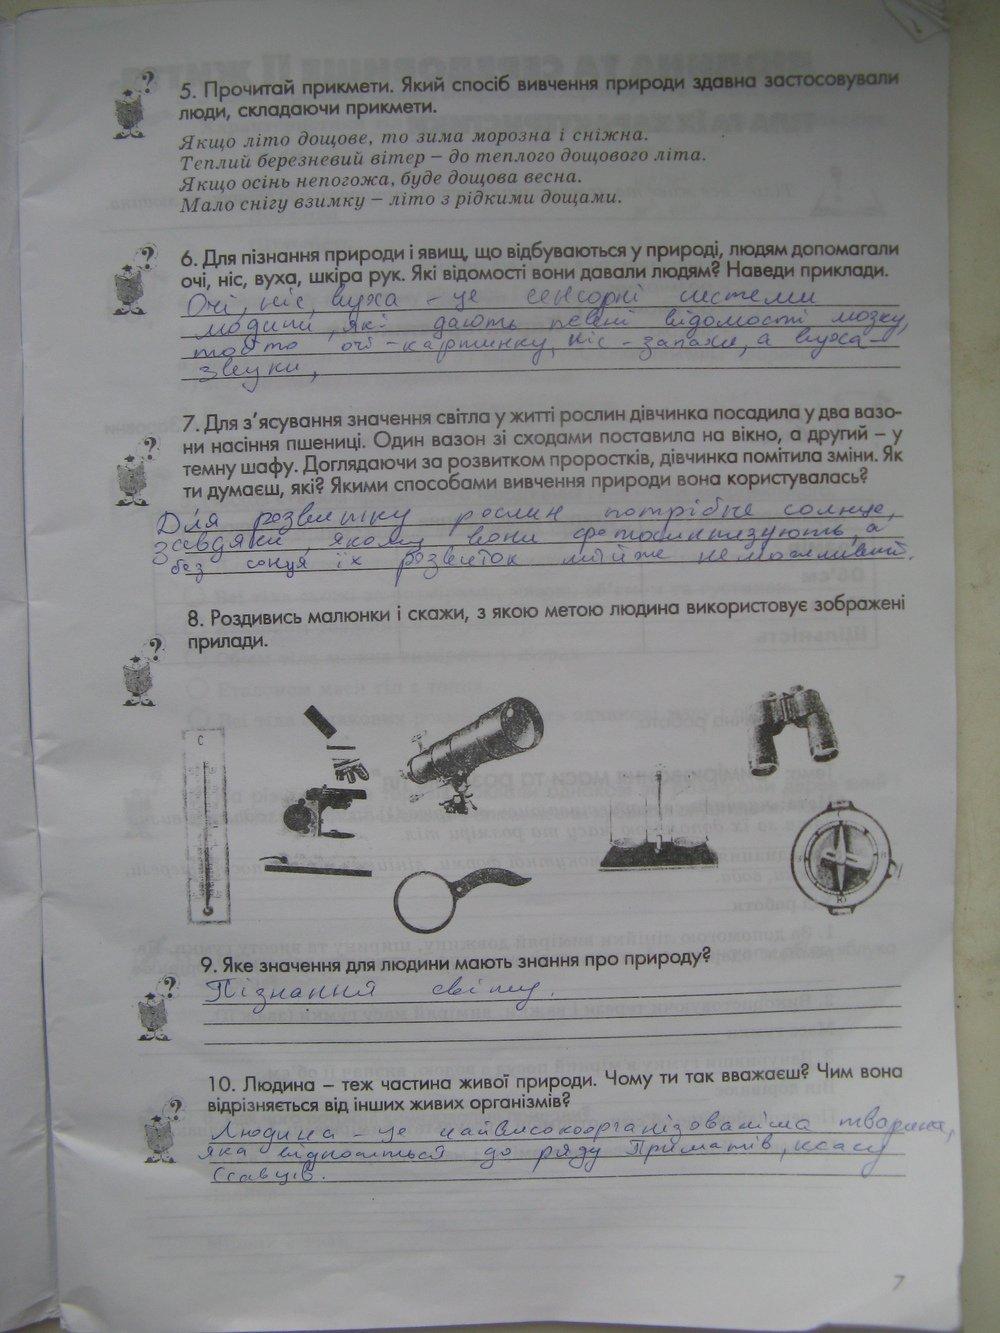 ГДЗ відповіді робочий зошит по биологии 5 класс Т. Котик. Задание: стр. 7